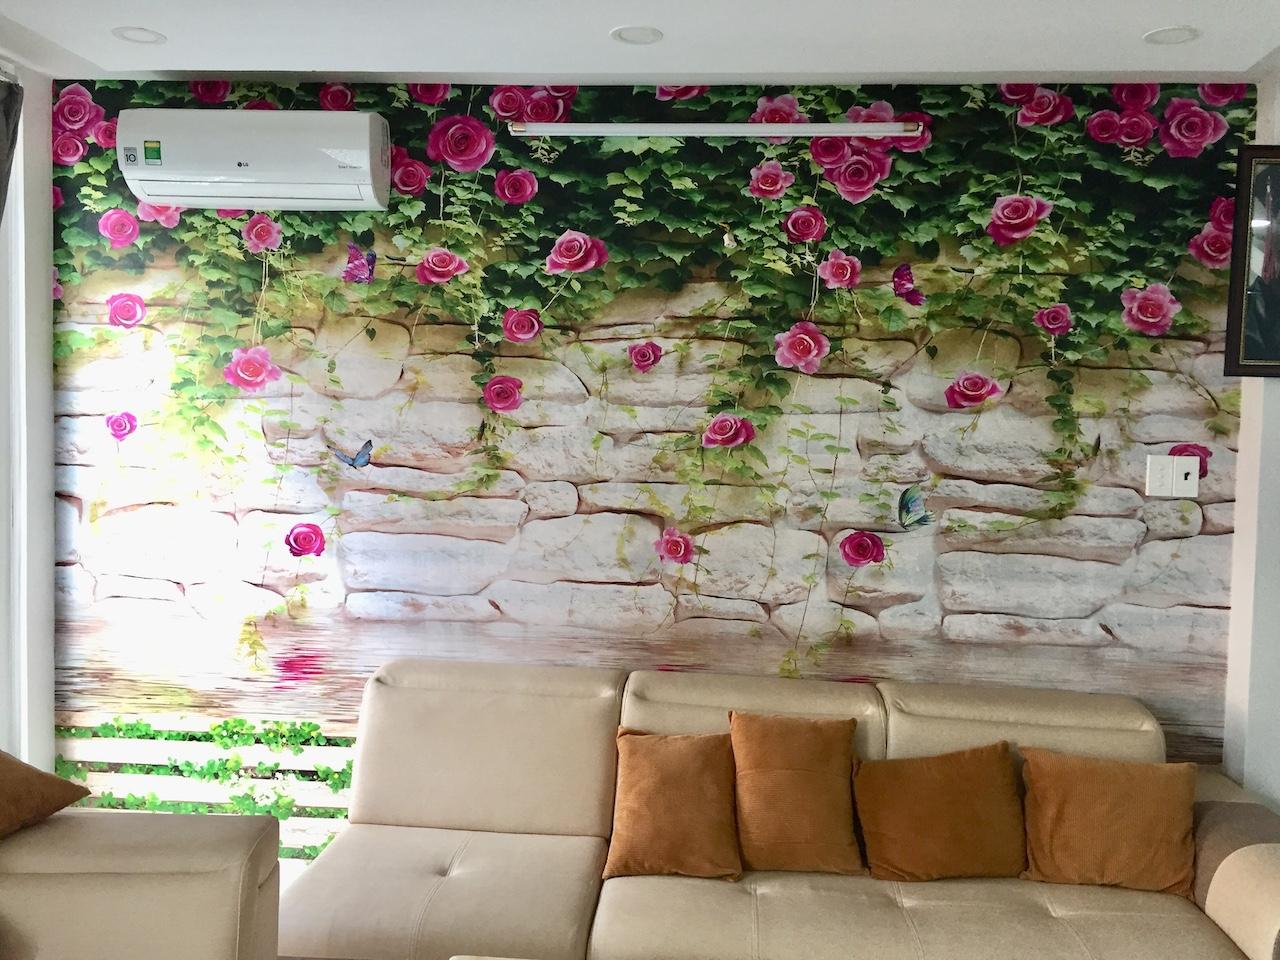 Tranh dán tường 3d hoa lá